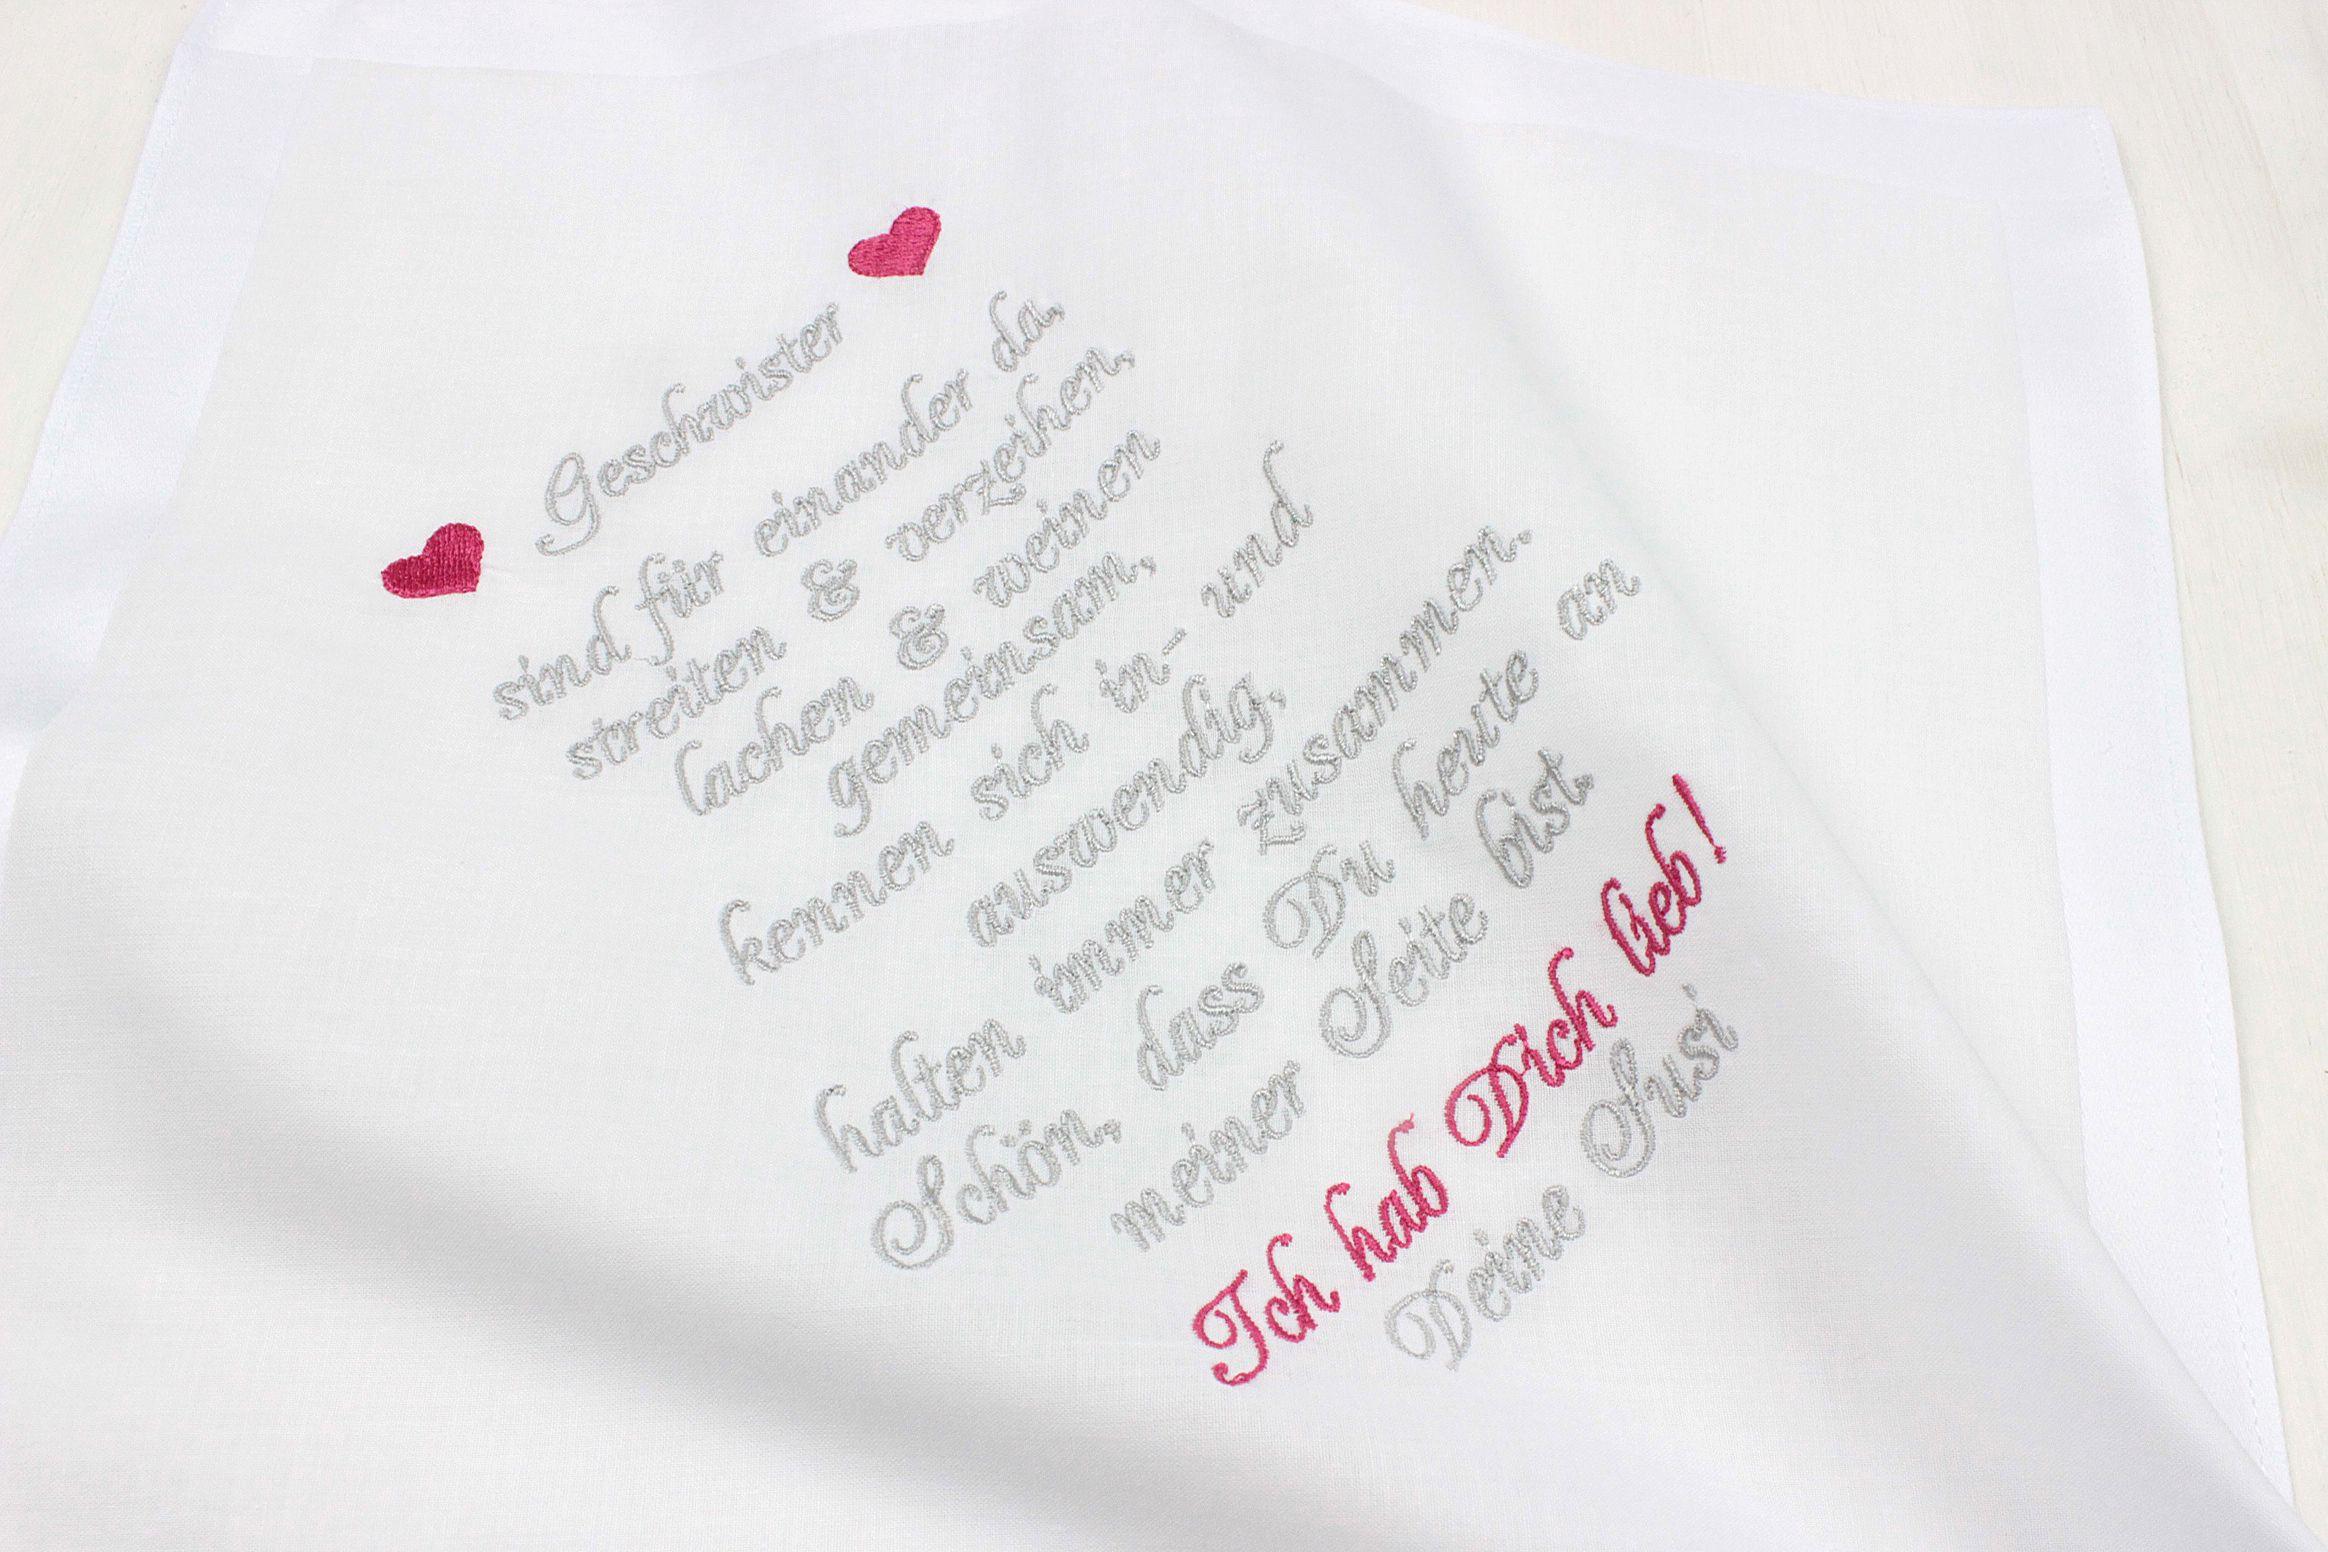 Besticktes Taschentuch Schwester Oder Bruder Mazunikate Wunsche Zur Hochzeit Text Hochzeit Gluckwunsche Hochzeit